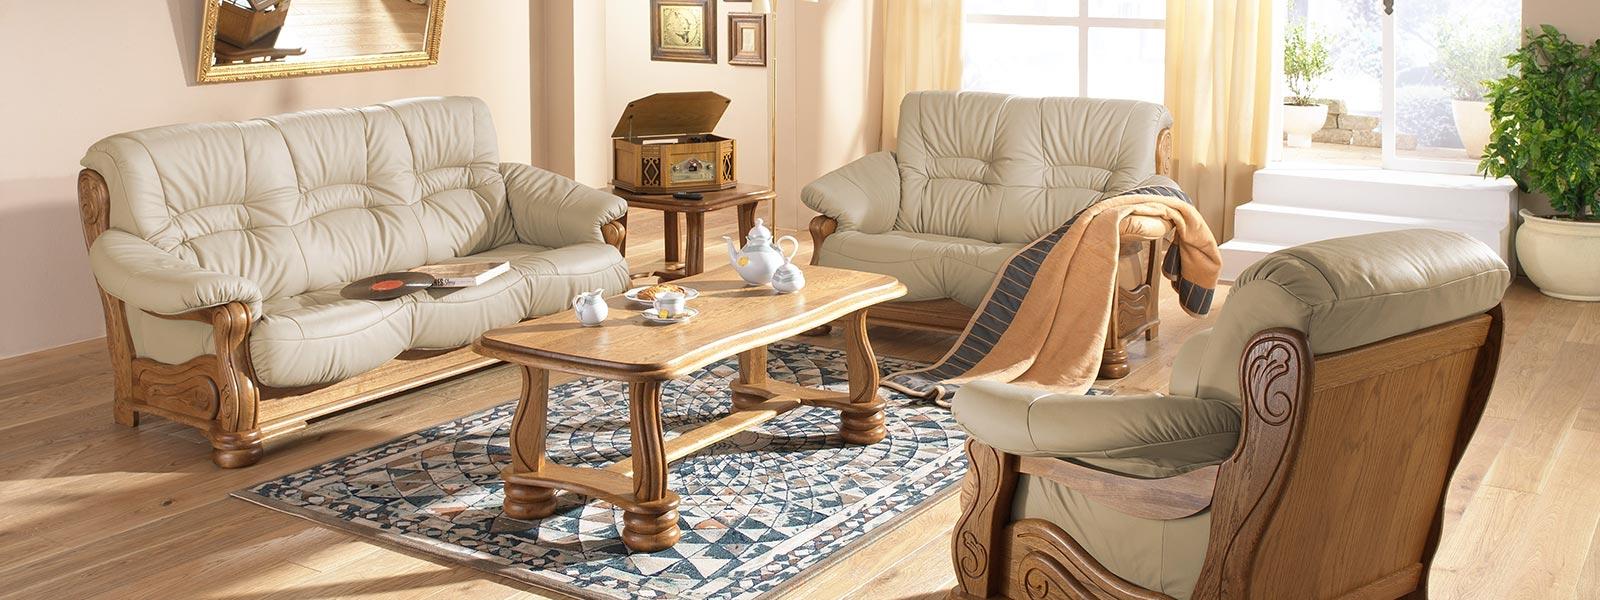 einzelsofas und garnituren texas von max winzer polsterm bel. Black Bedroom Furniture Sets. Home Design Ideas